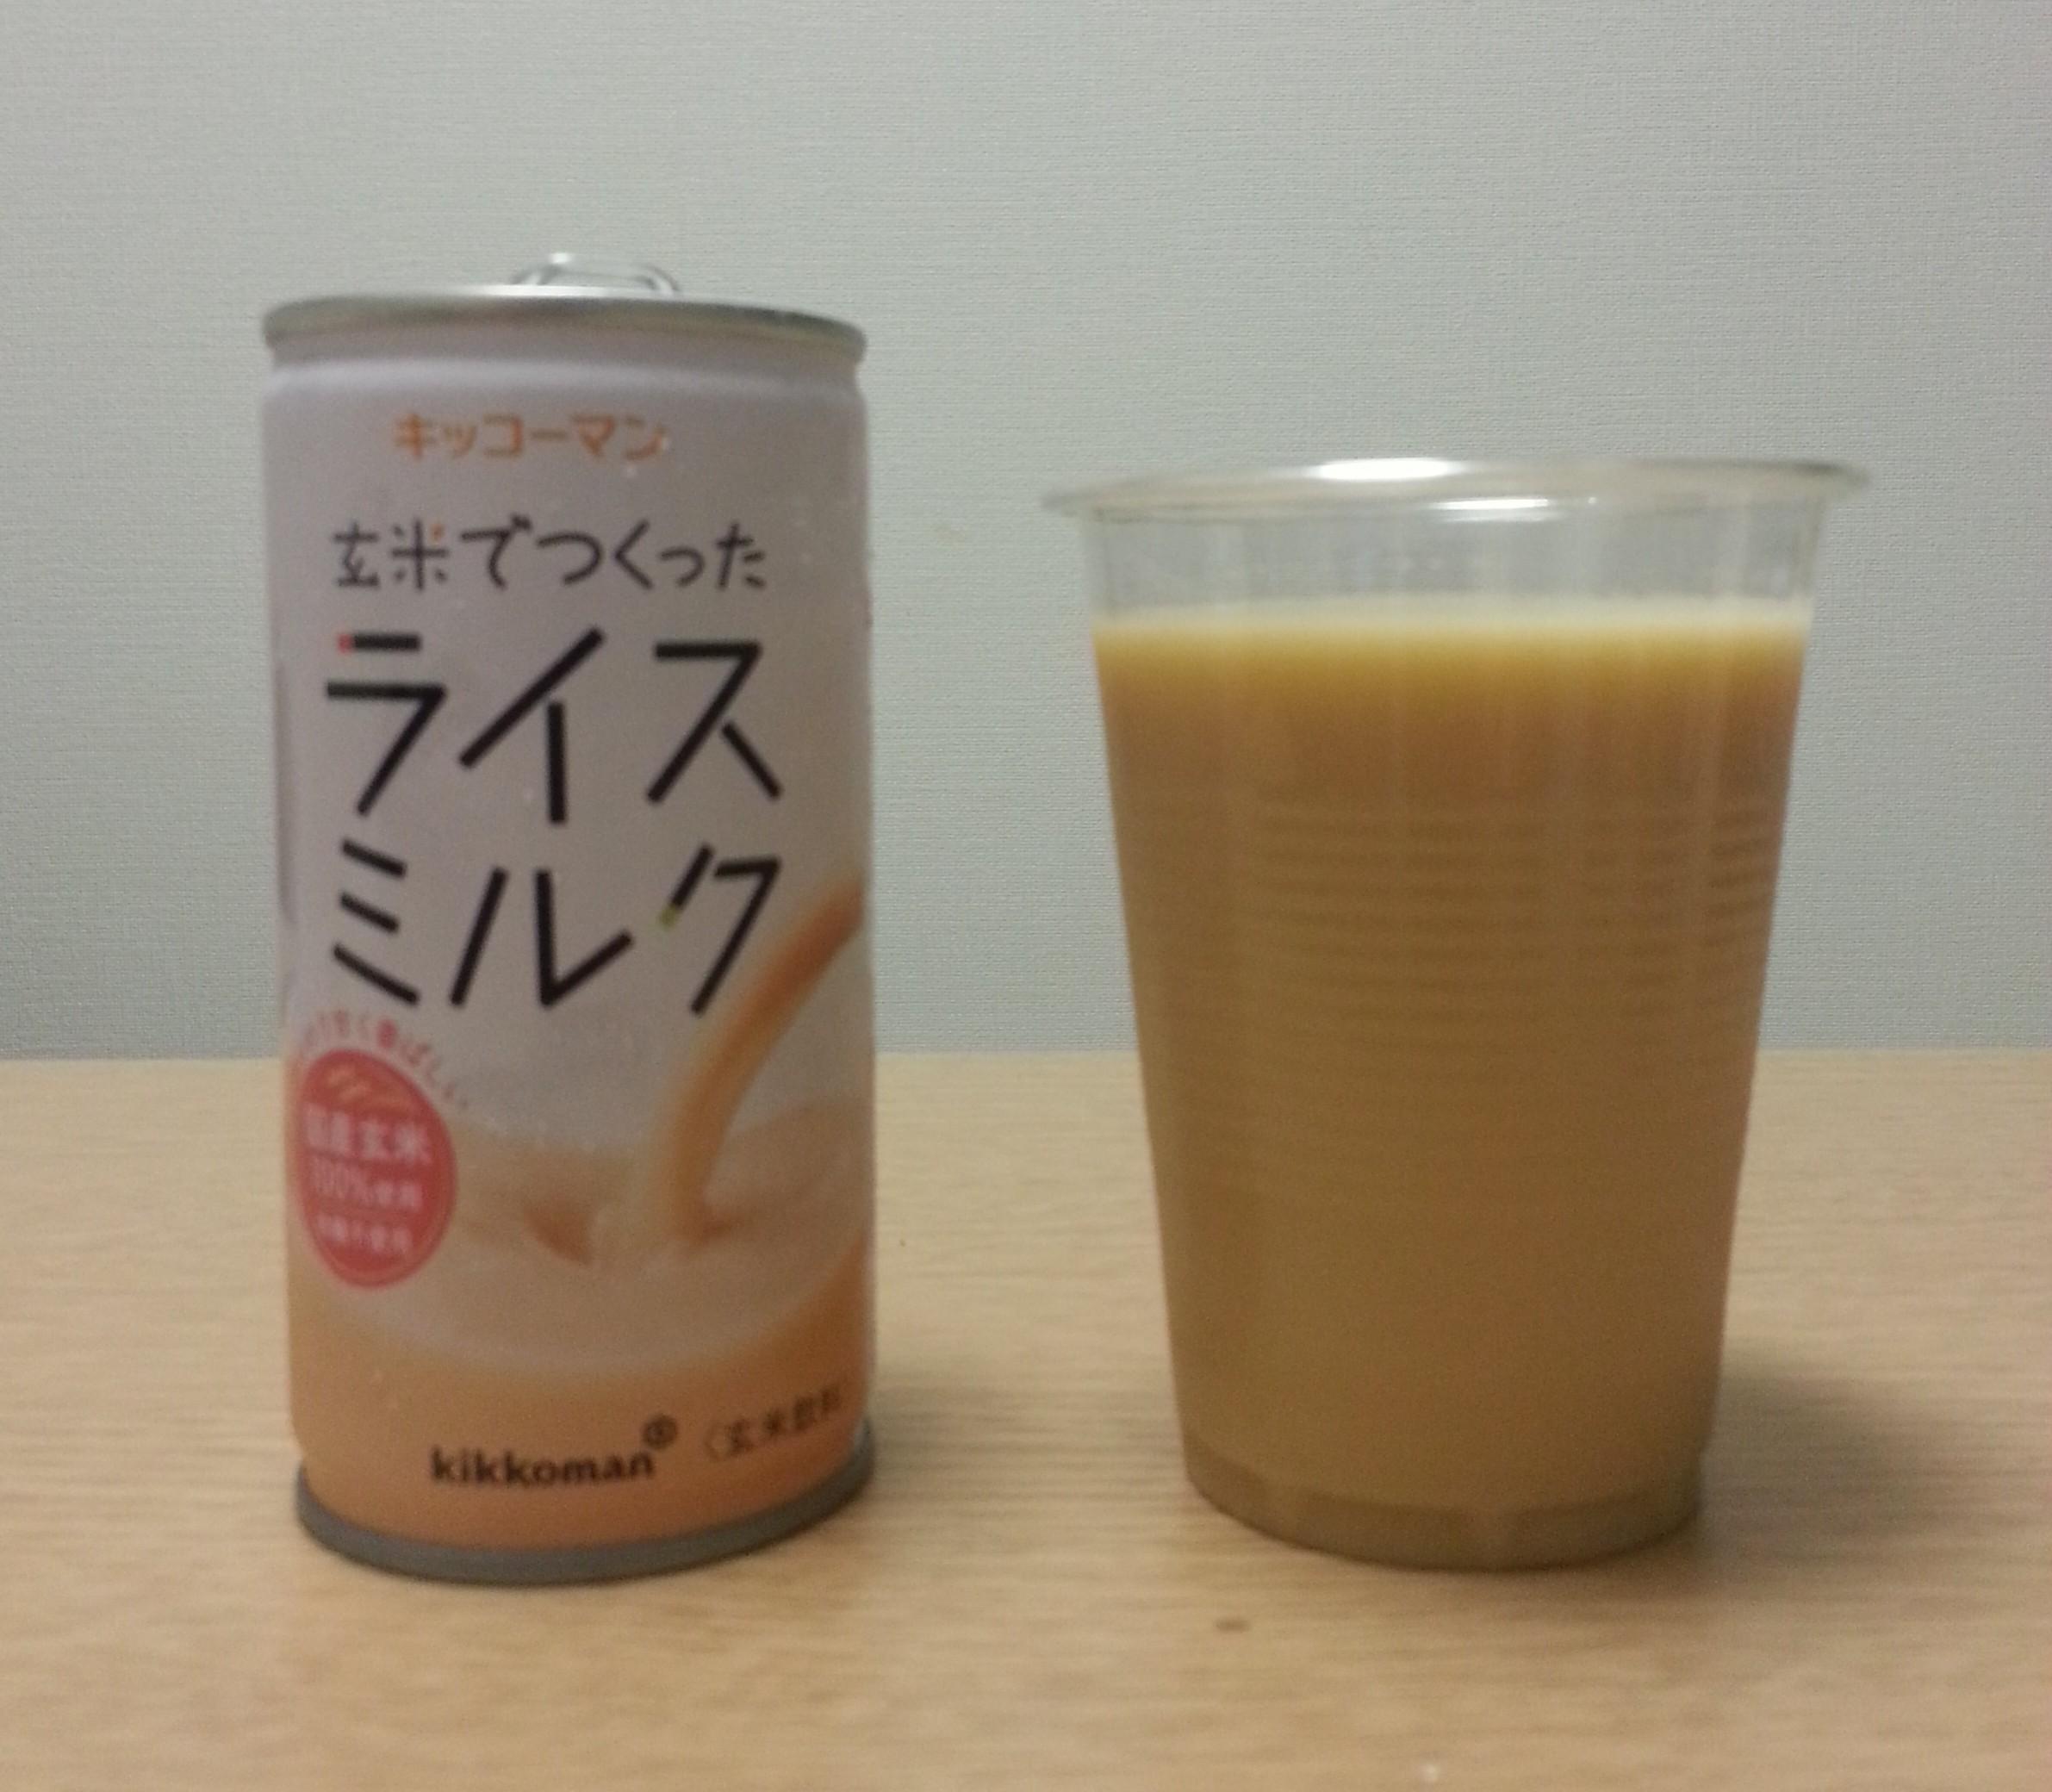 ricemilk-brownrice-kikkoman2